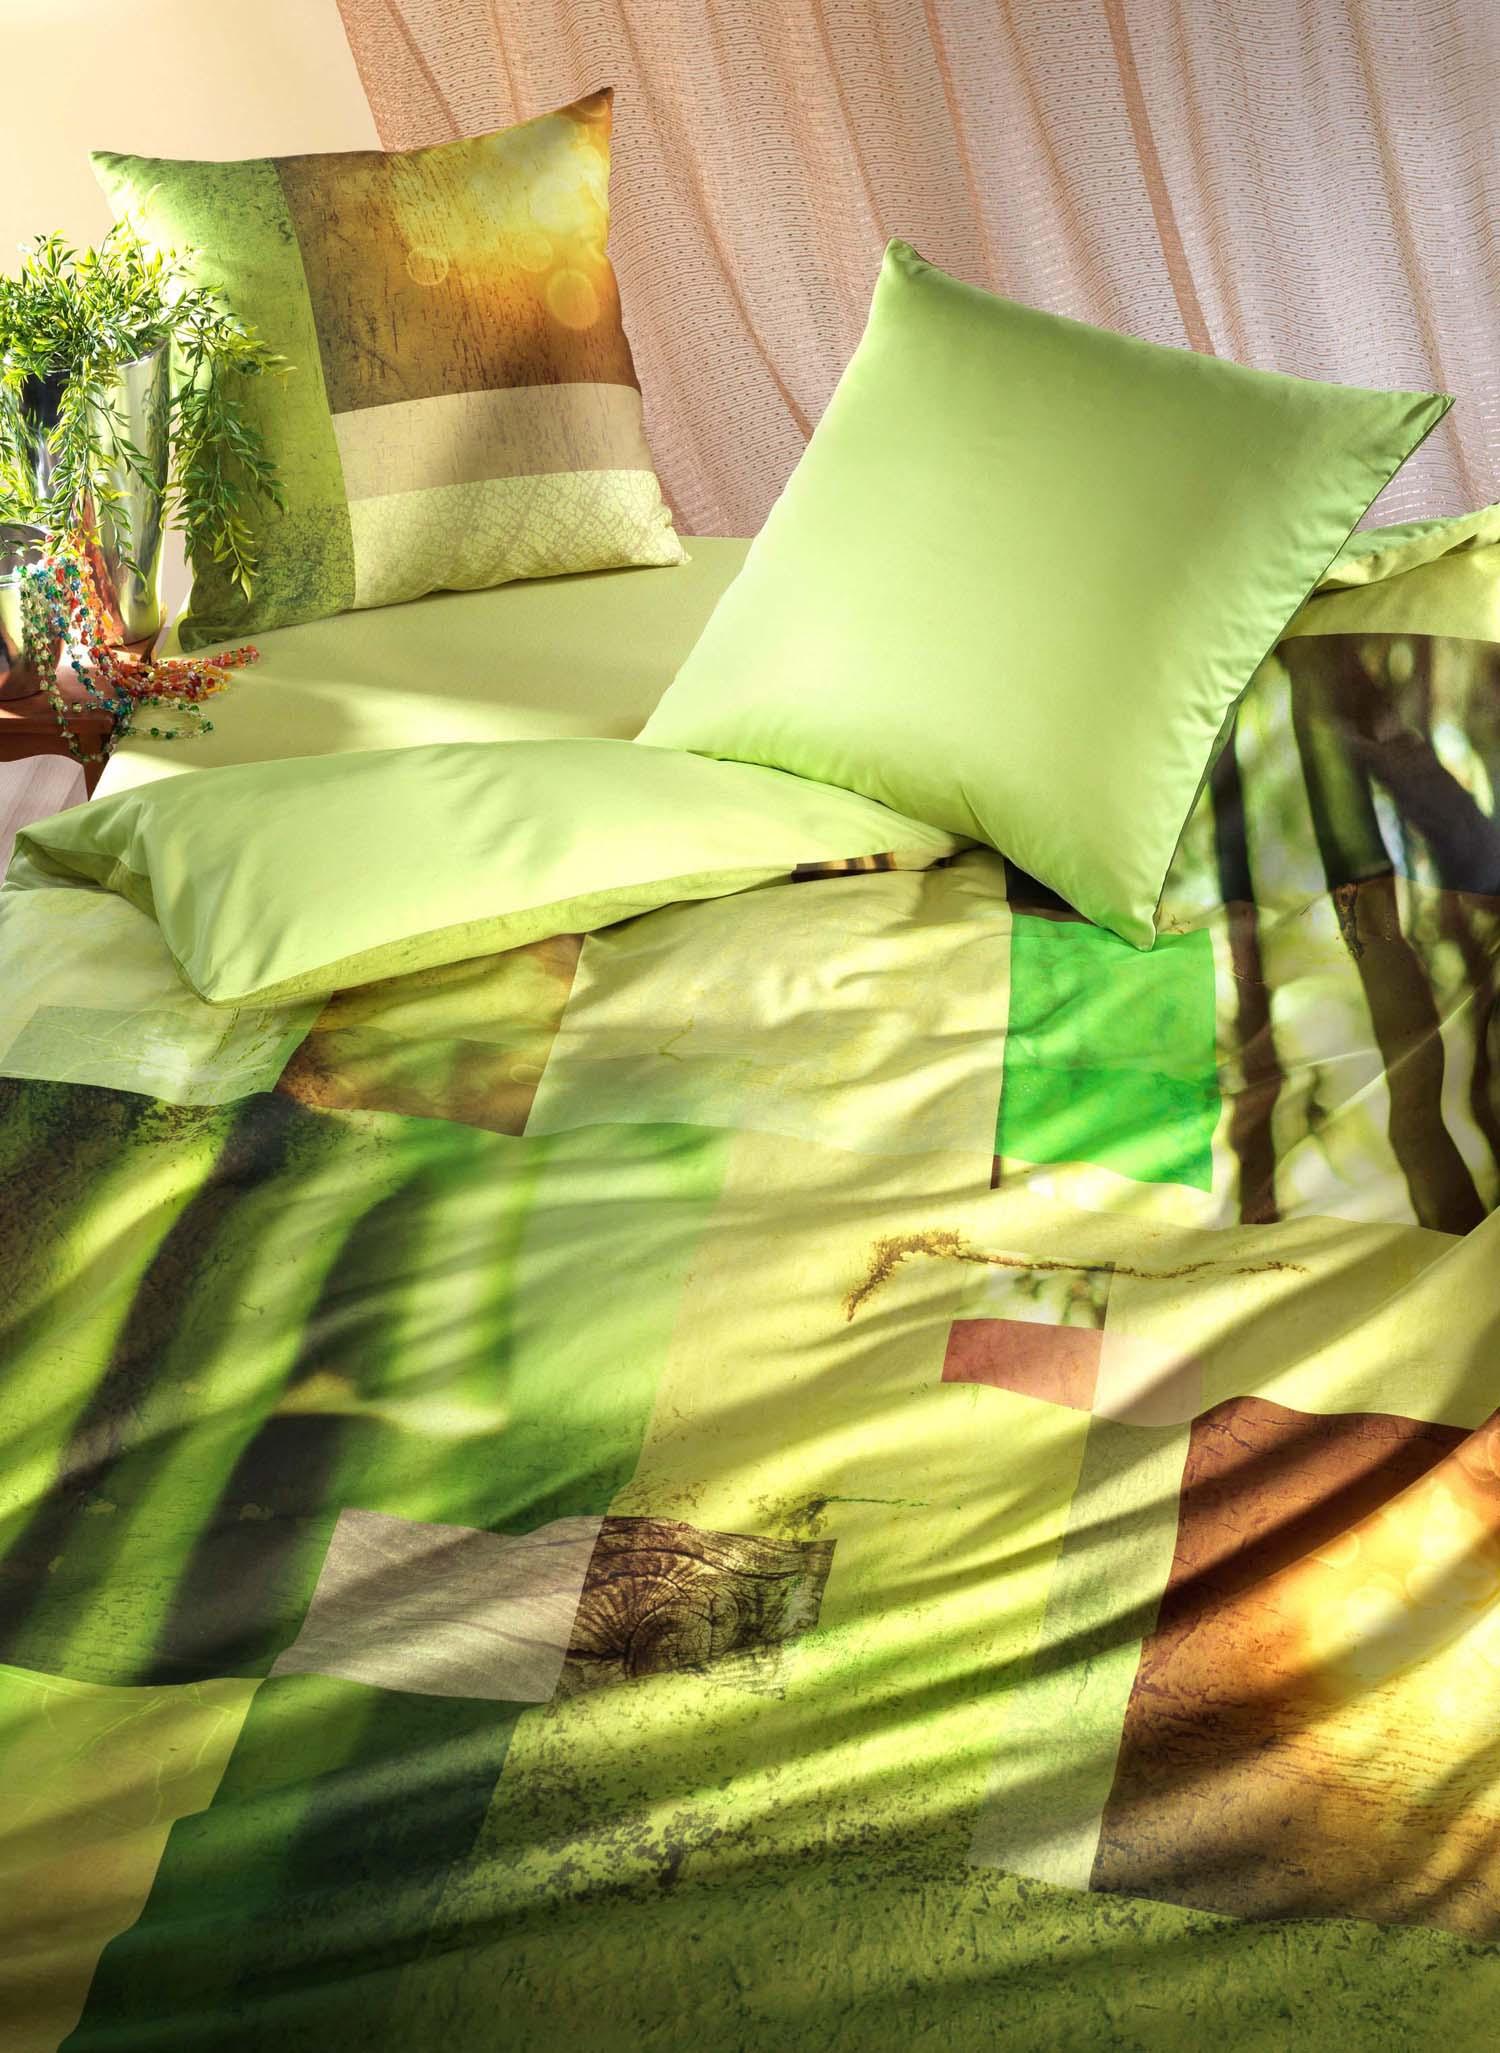 housse de couette bambou housse de couette zen bambou 220 x 240 microfibre prix cass achat. Black Bedroom Furniture Sets. Home Design Ideas